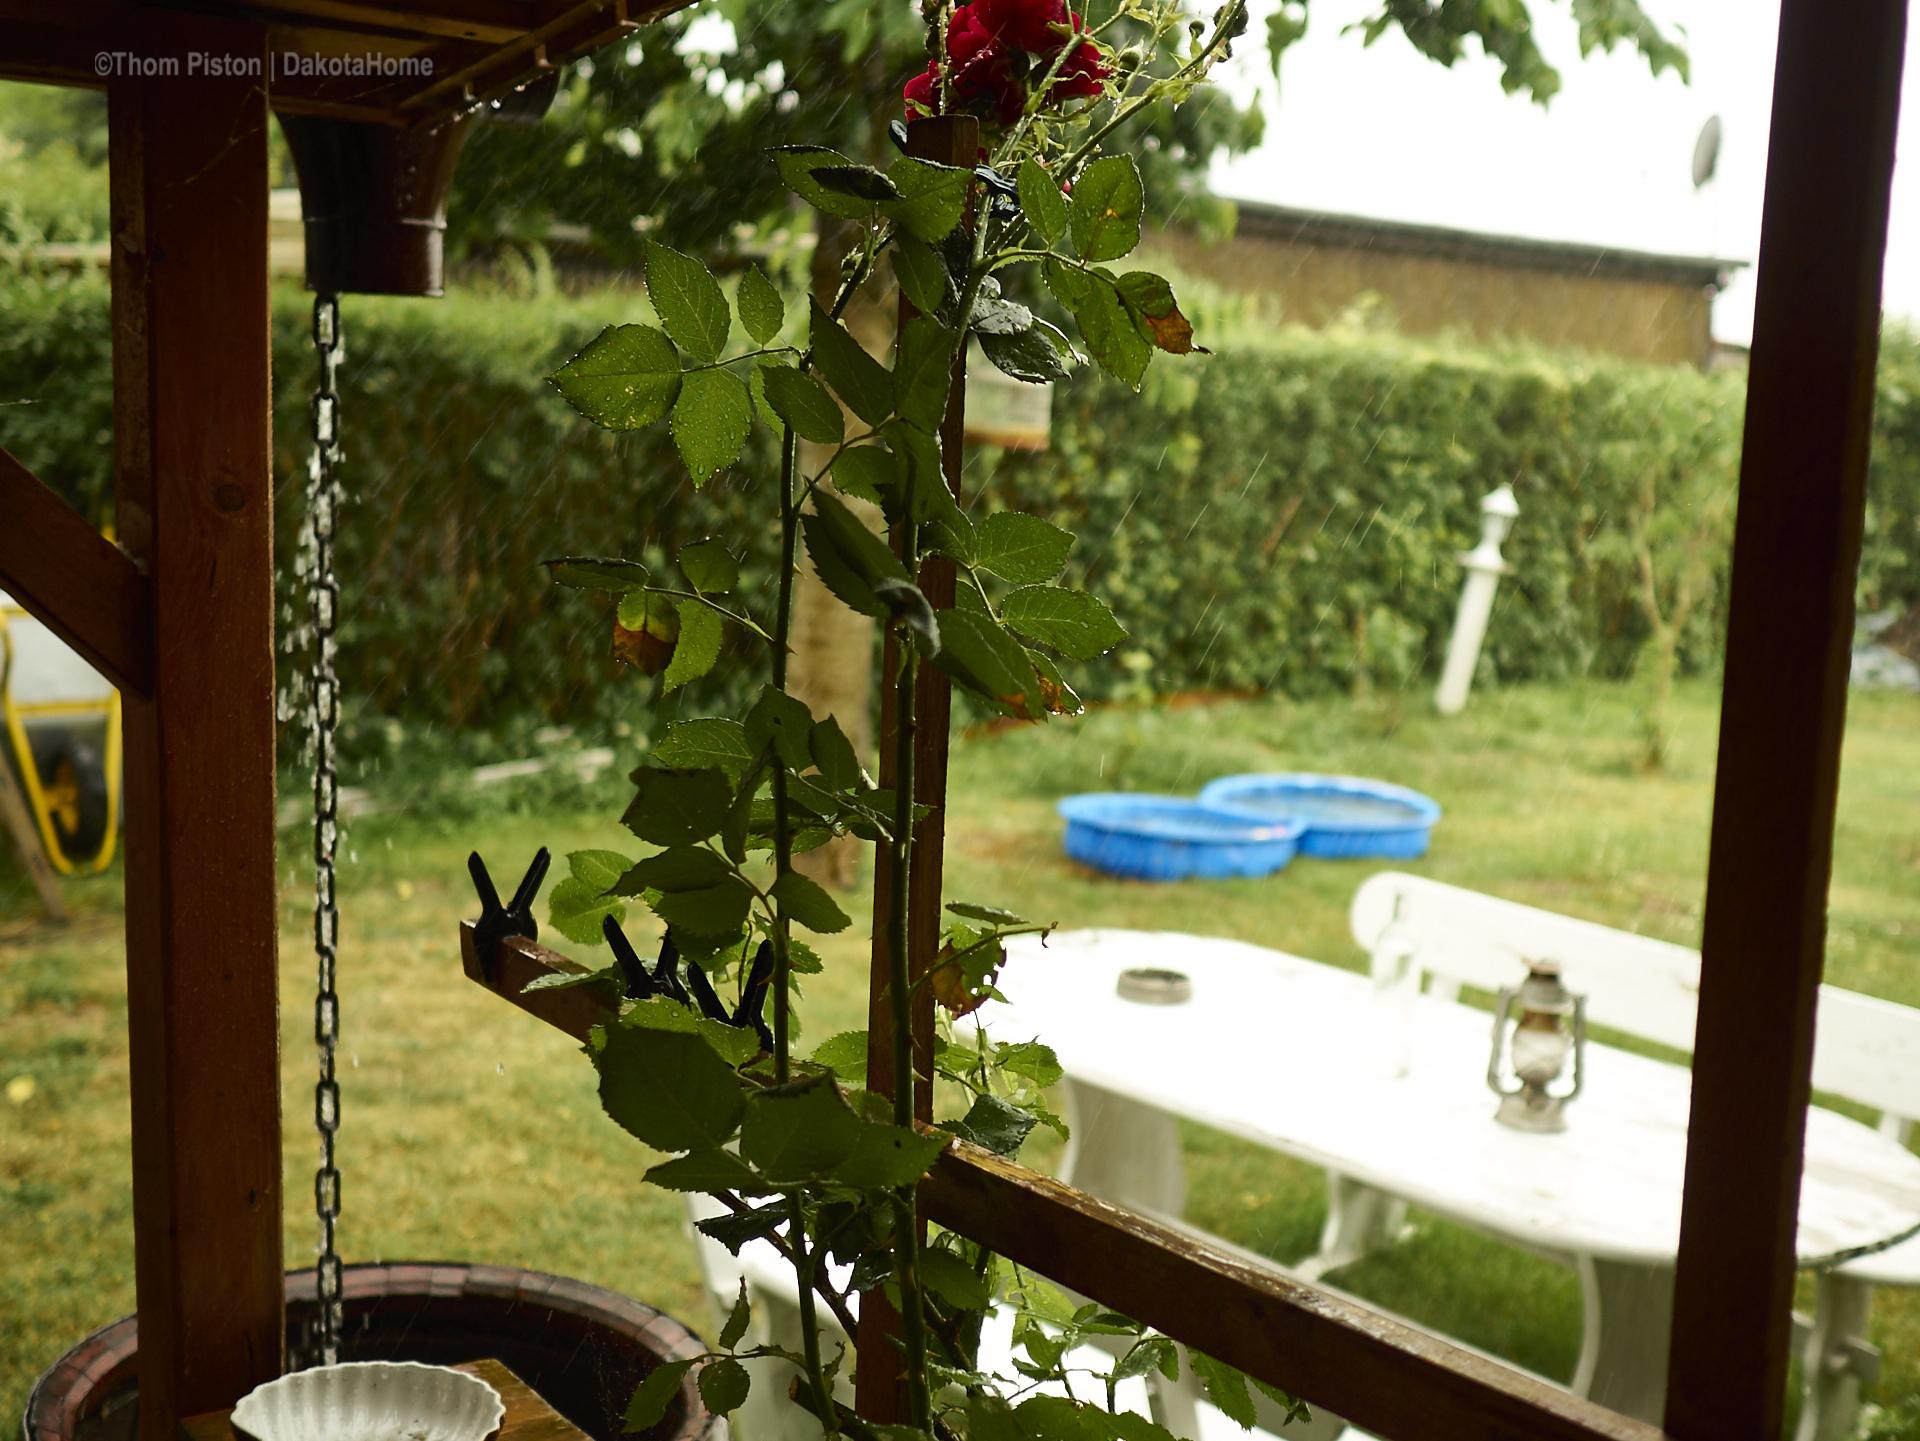 die Wassertonnen im Dakota Home füllen sich